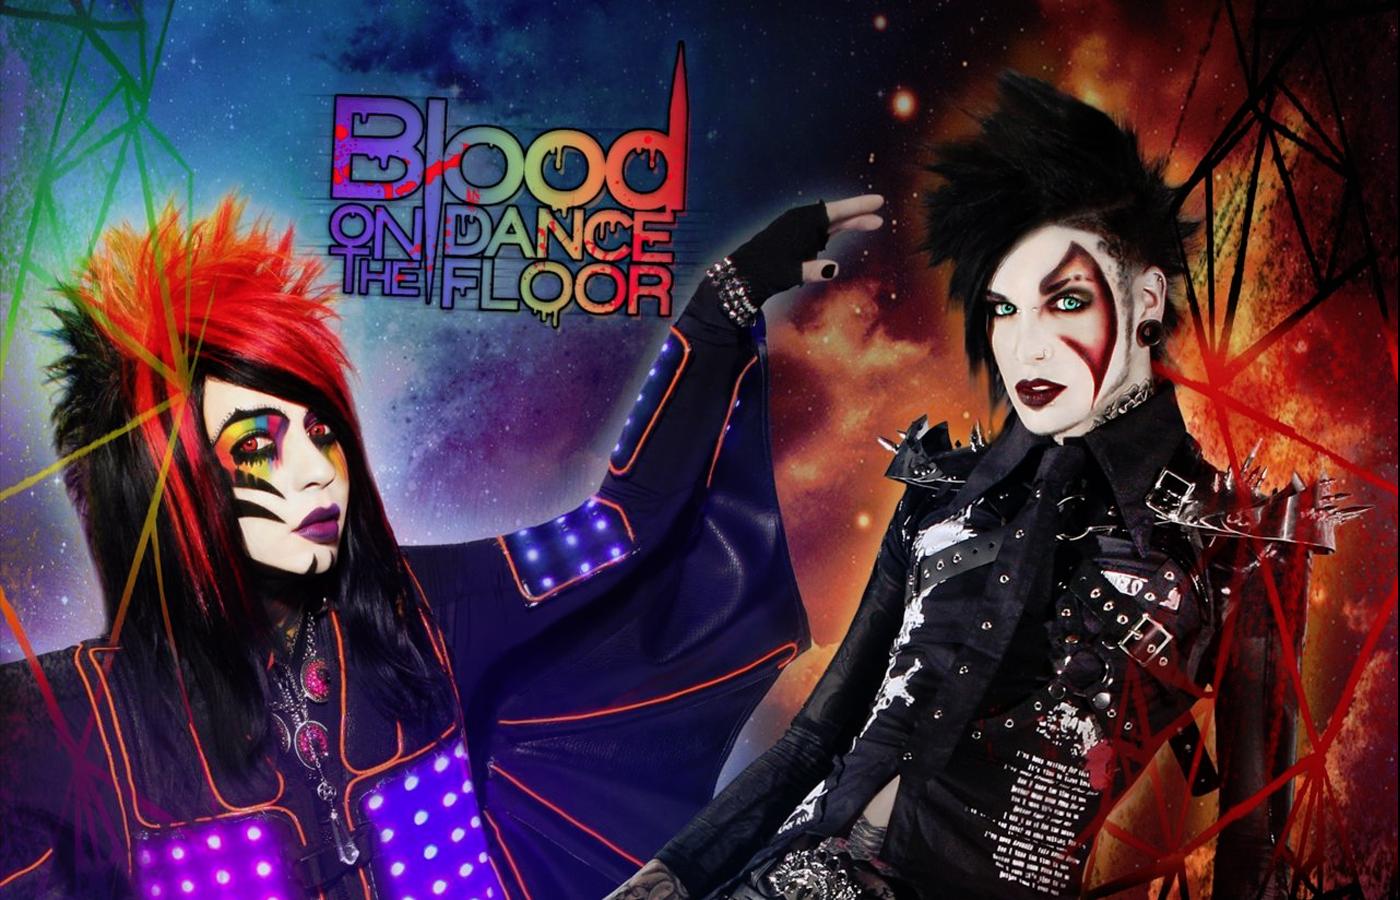 blood on the dance floor revolution backround by jayvonviolentine 1400x900